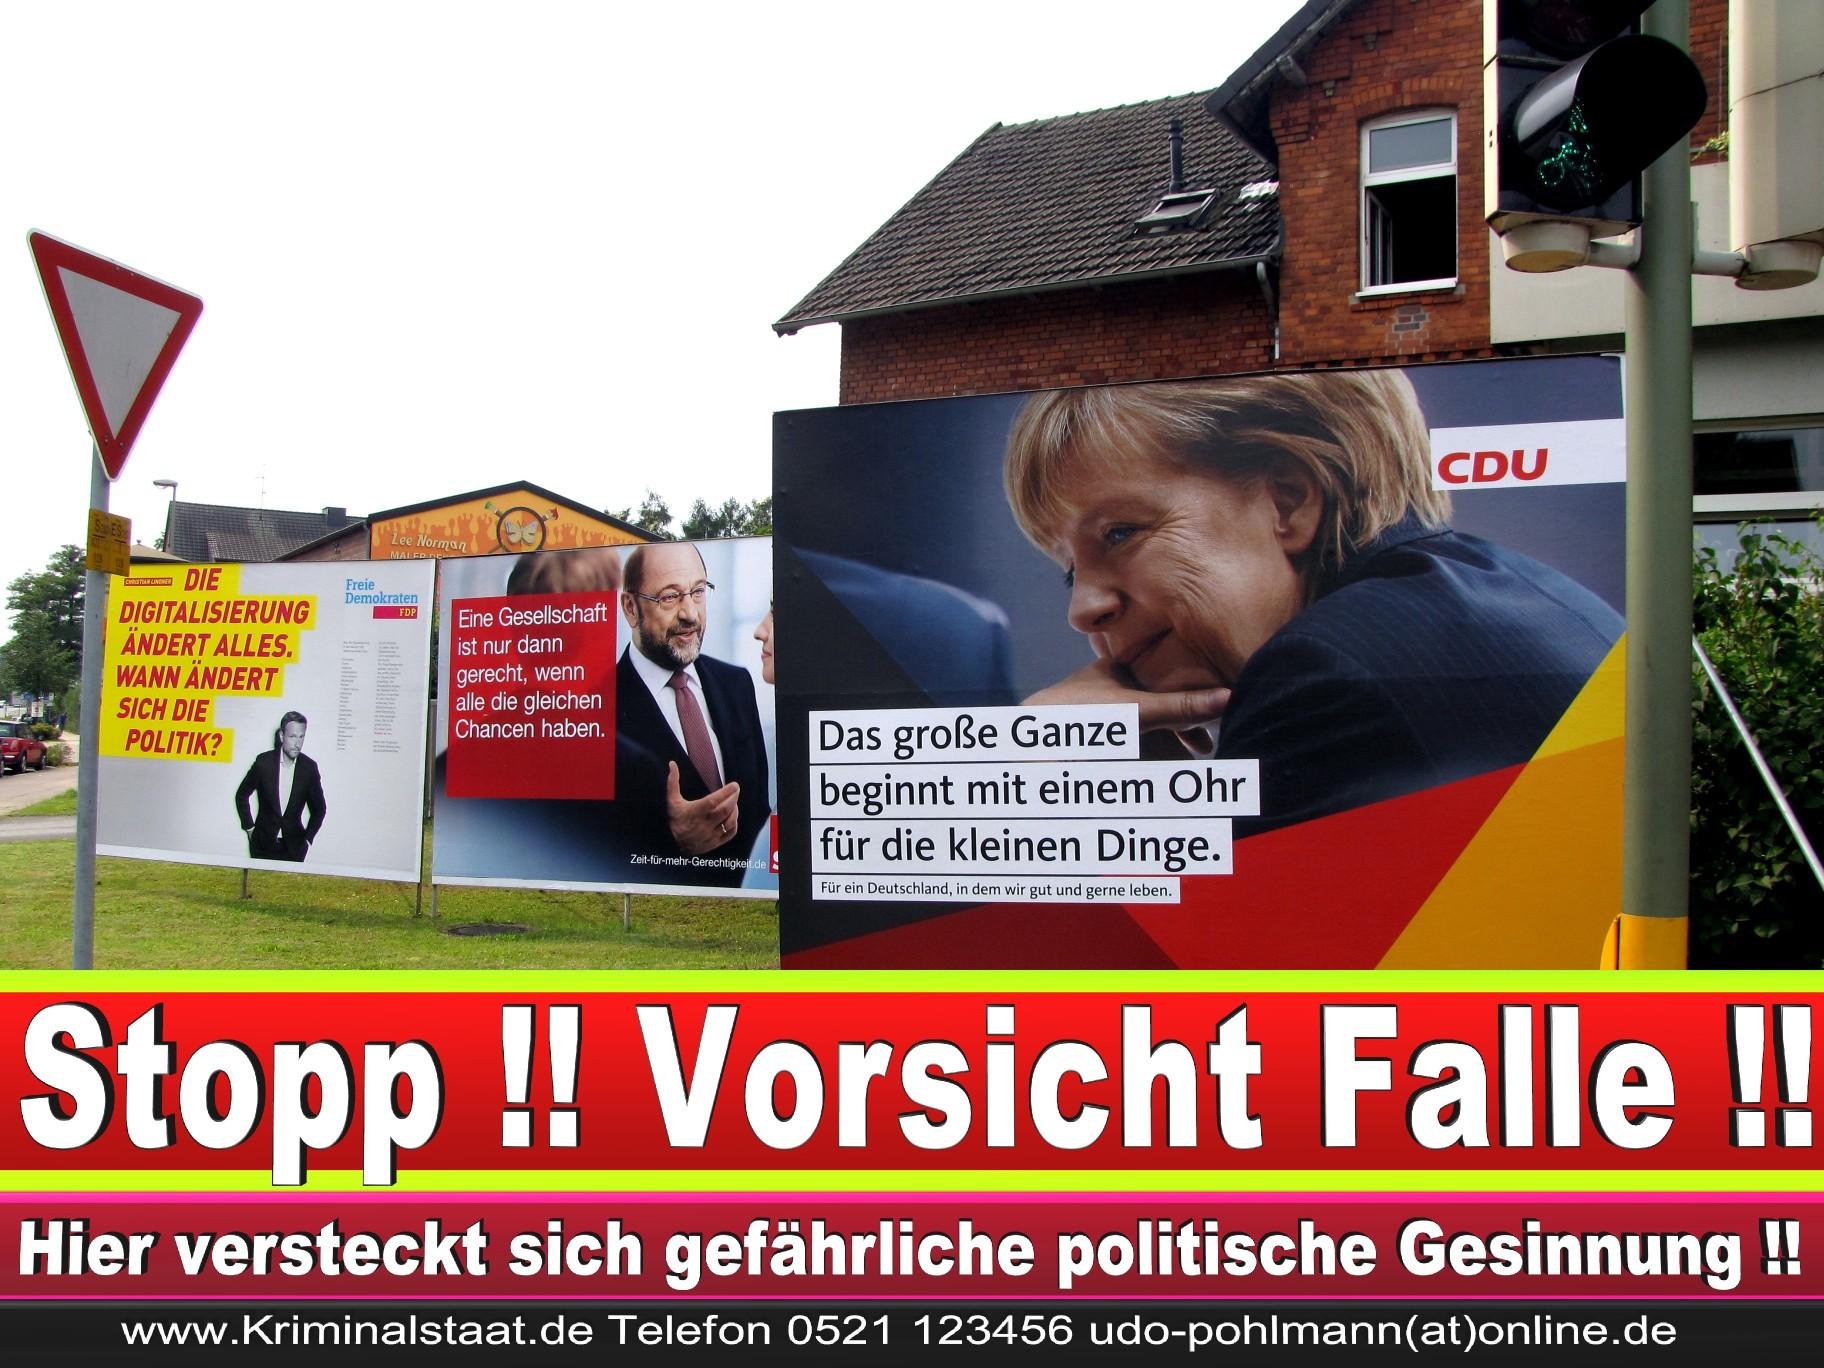 Wahlwerbung Wahlplakate Landtagswahl 2019 Europawahl CDU SPD FDP 2021 (71)